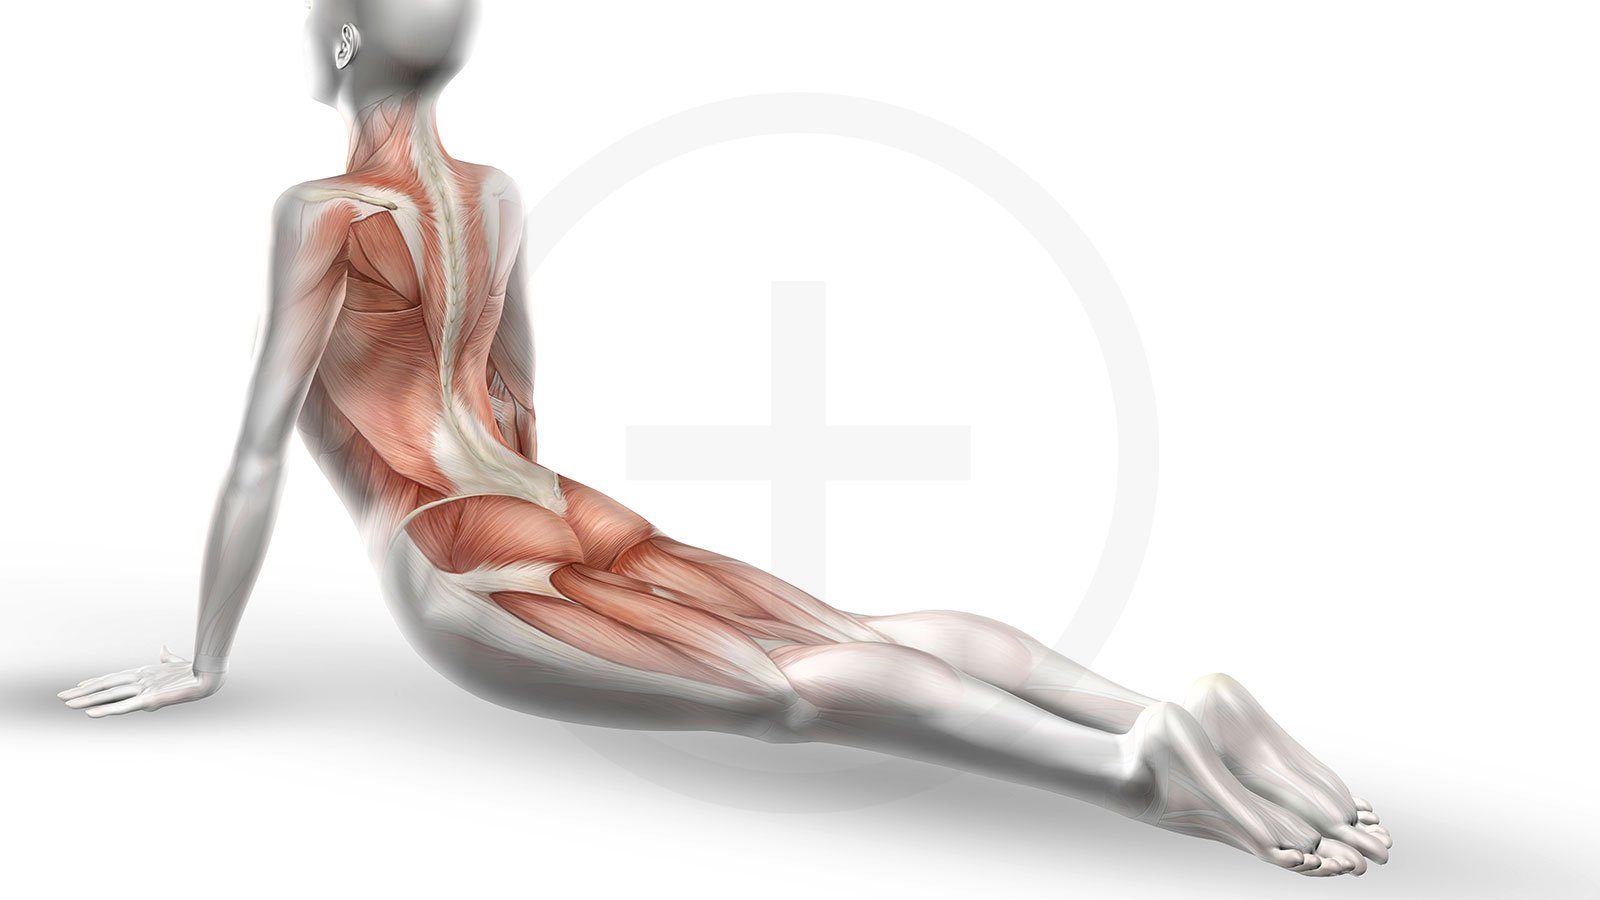 Anatomie der Pilates Bewegung | moveorespiro - Yoga und Pilates in ...